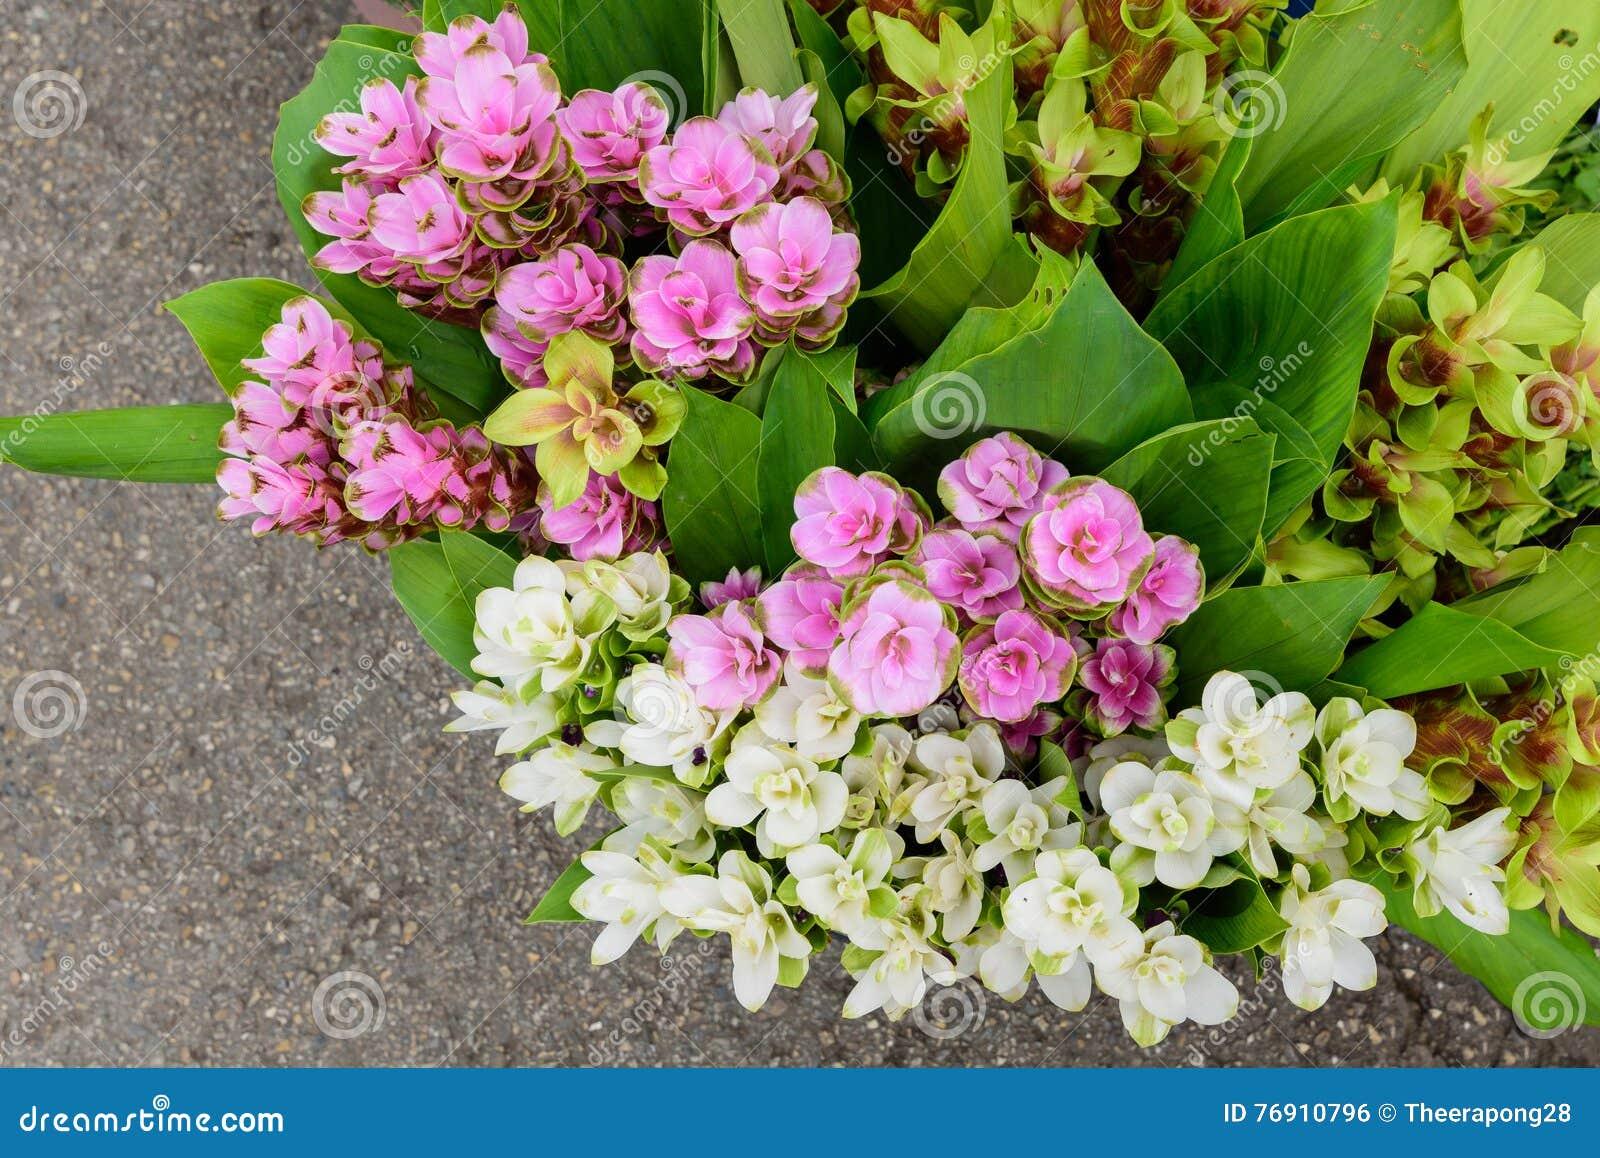 Molti tipi di fiori da vendere lungo la strada fotografia for Tipi di fiori